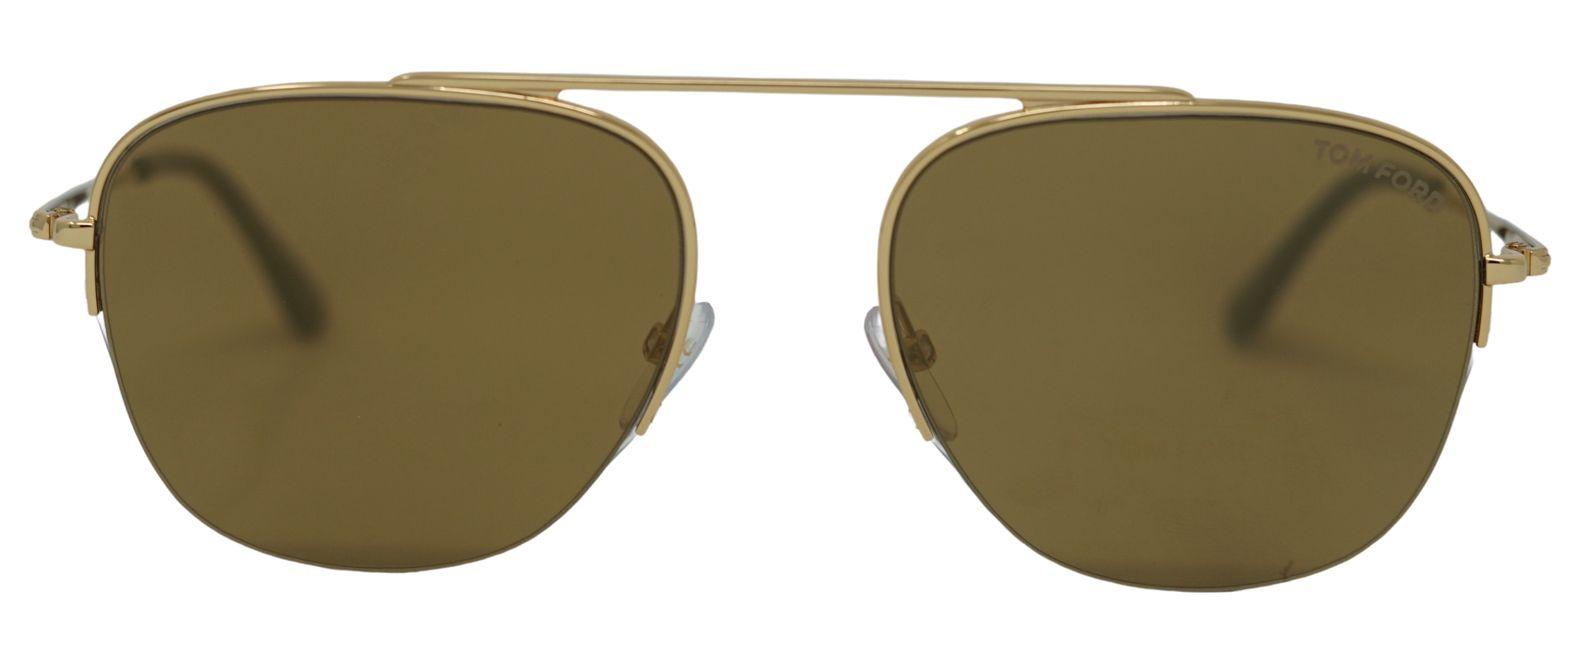 Tom Ford Abott Sunglasses FT0667 30G